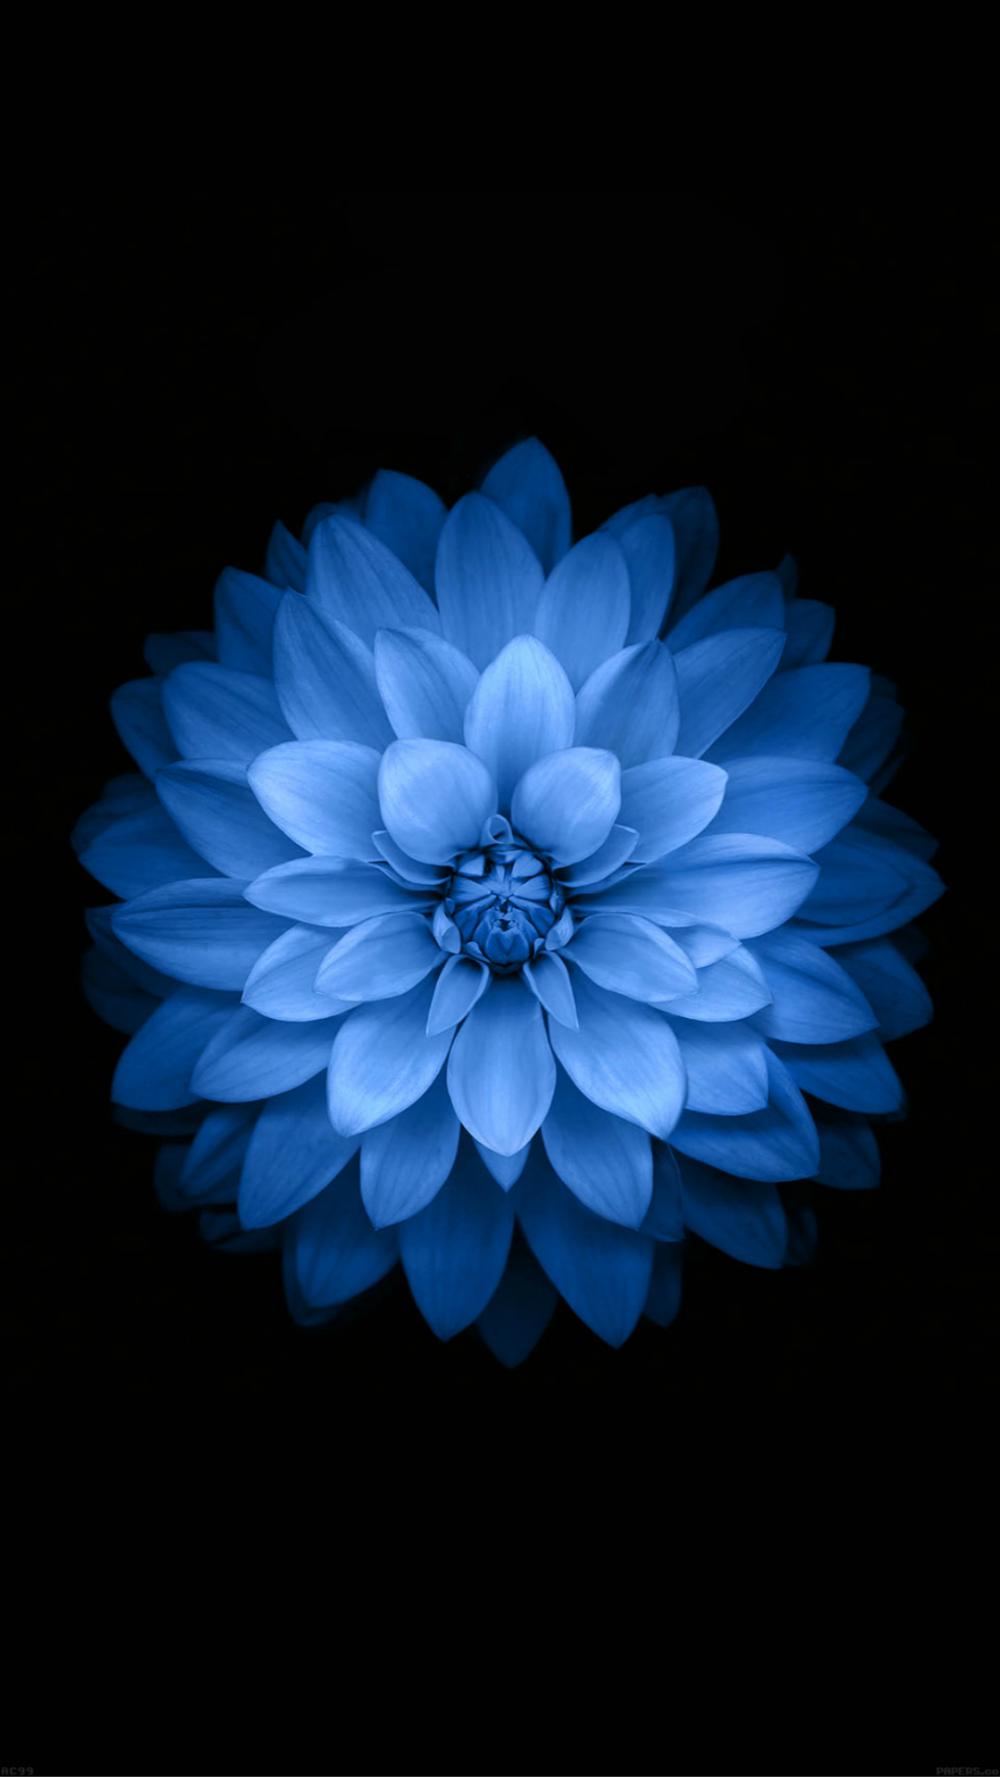 Blue Lotus iPhone 7 Wallpaper (avec images) Fond d'écran